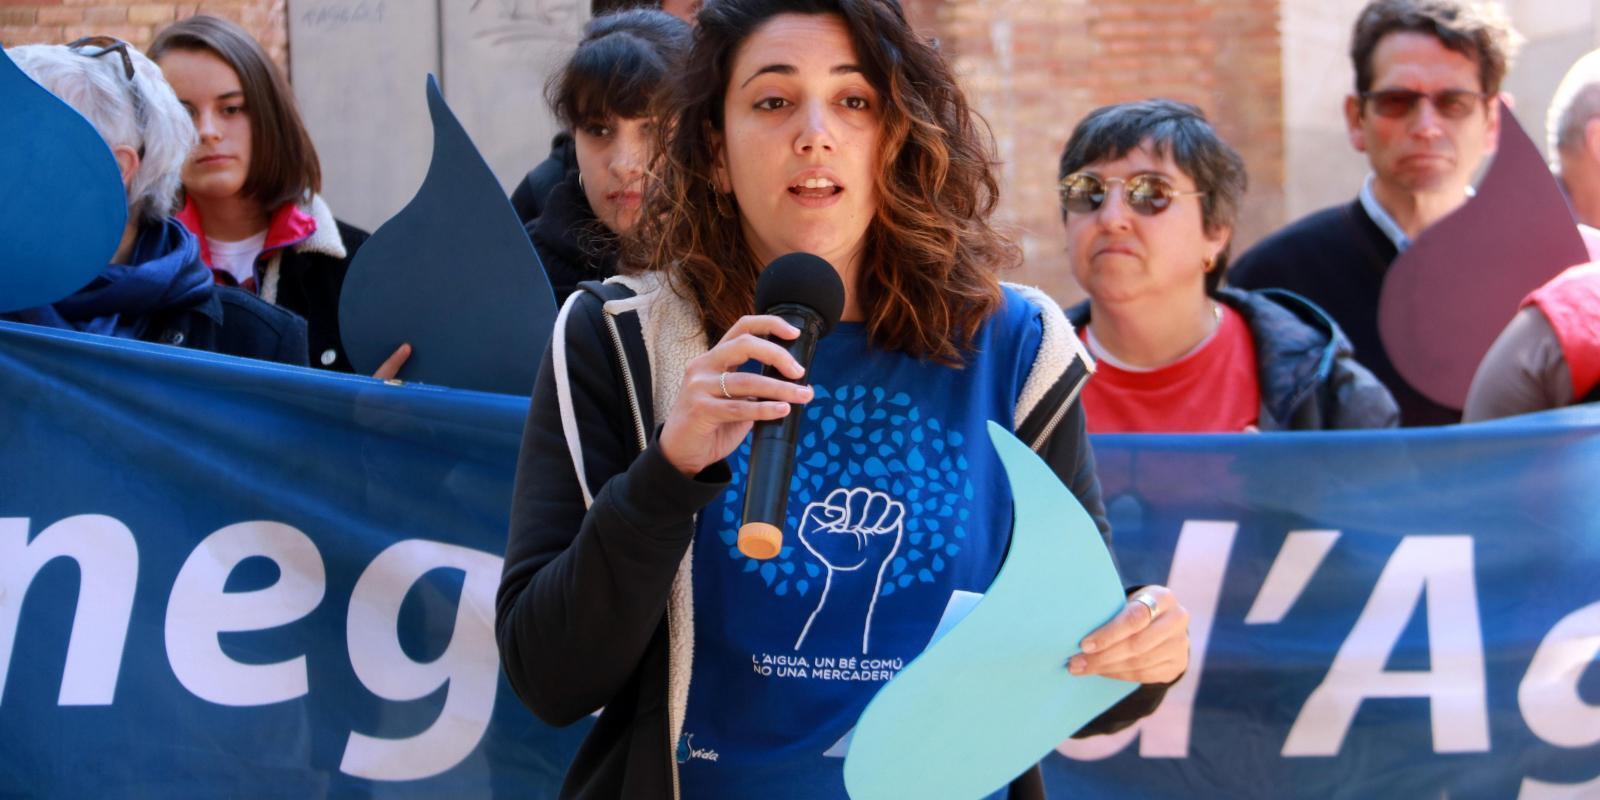 La portaveu de la plataforma Aigua És Vida, Míriam Planas, en una imatge d'arxiu